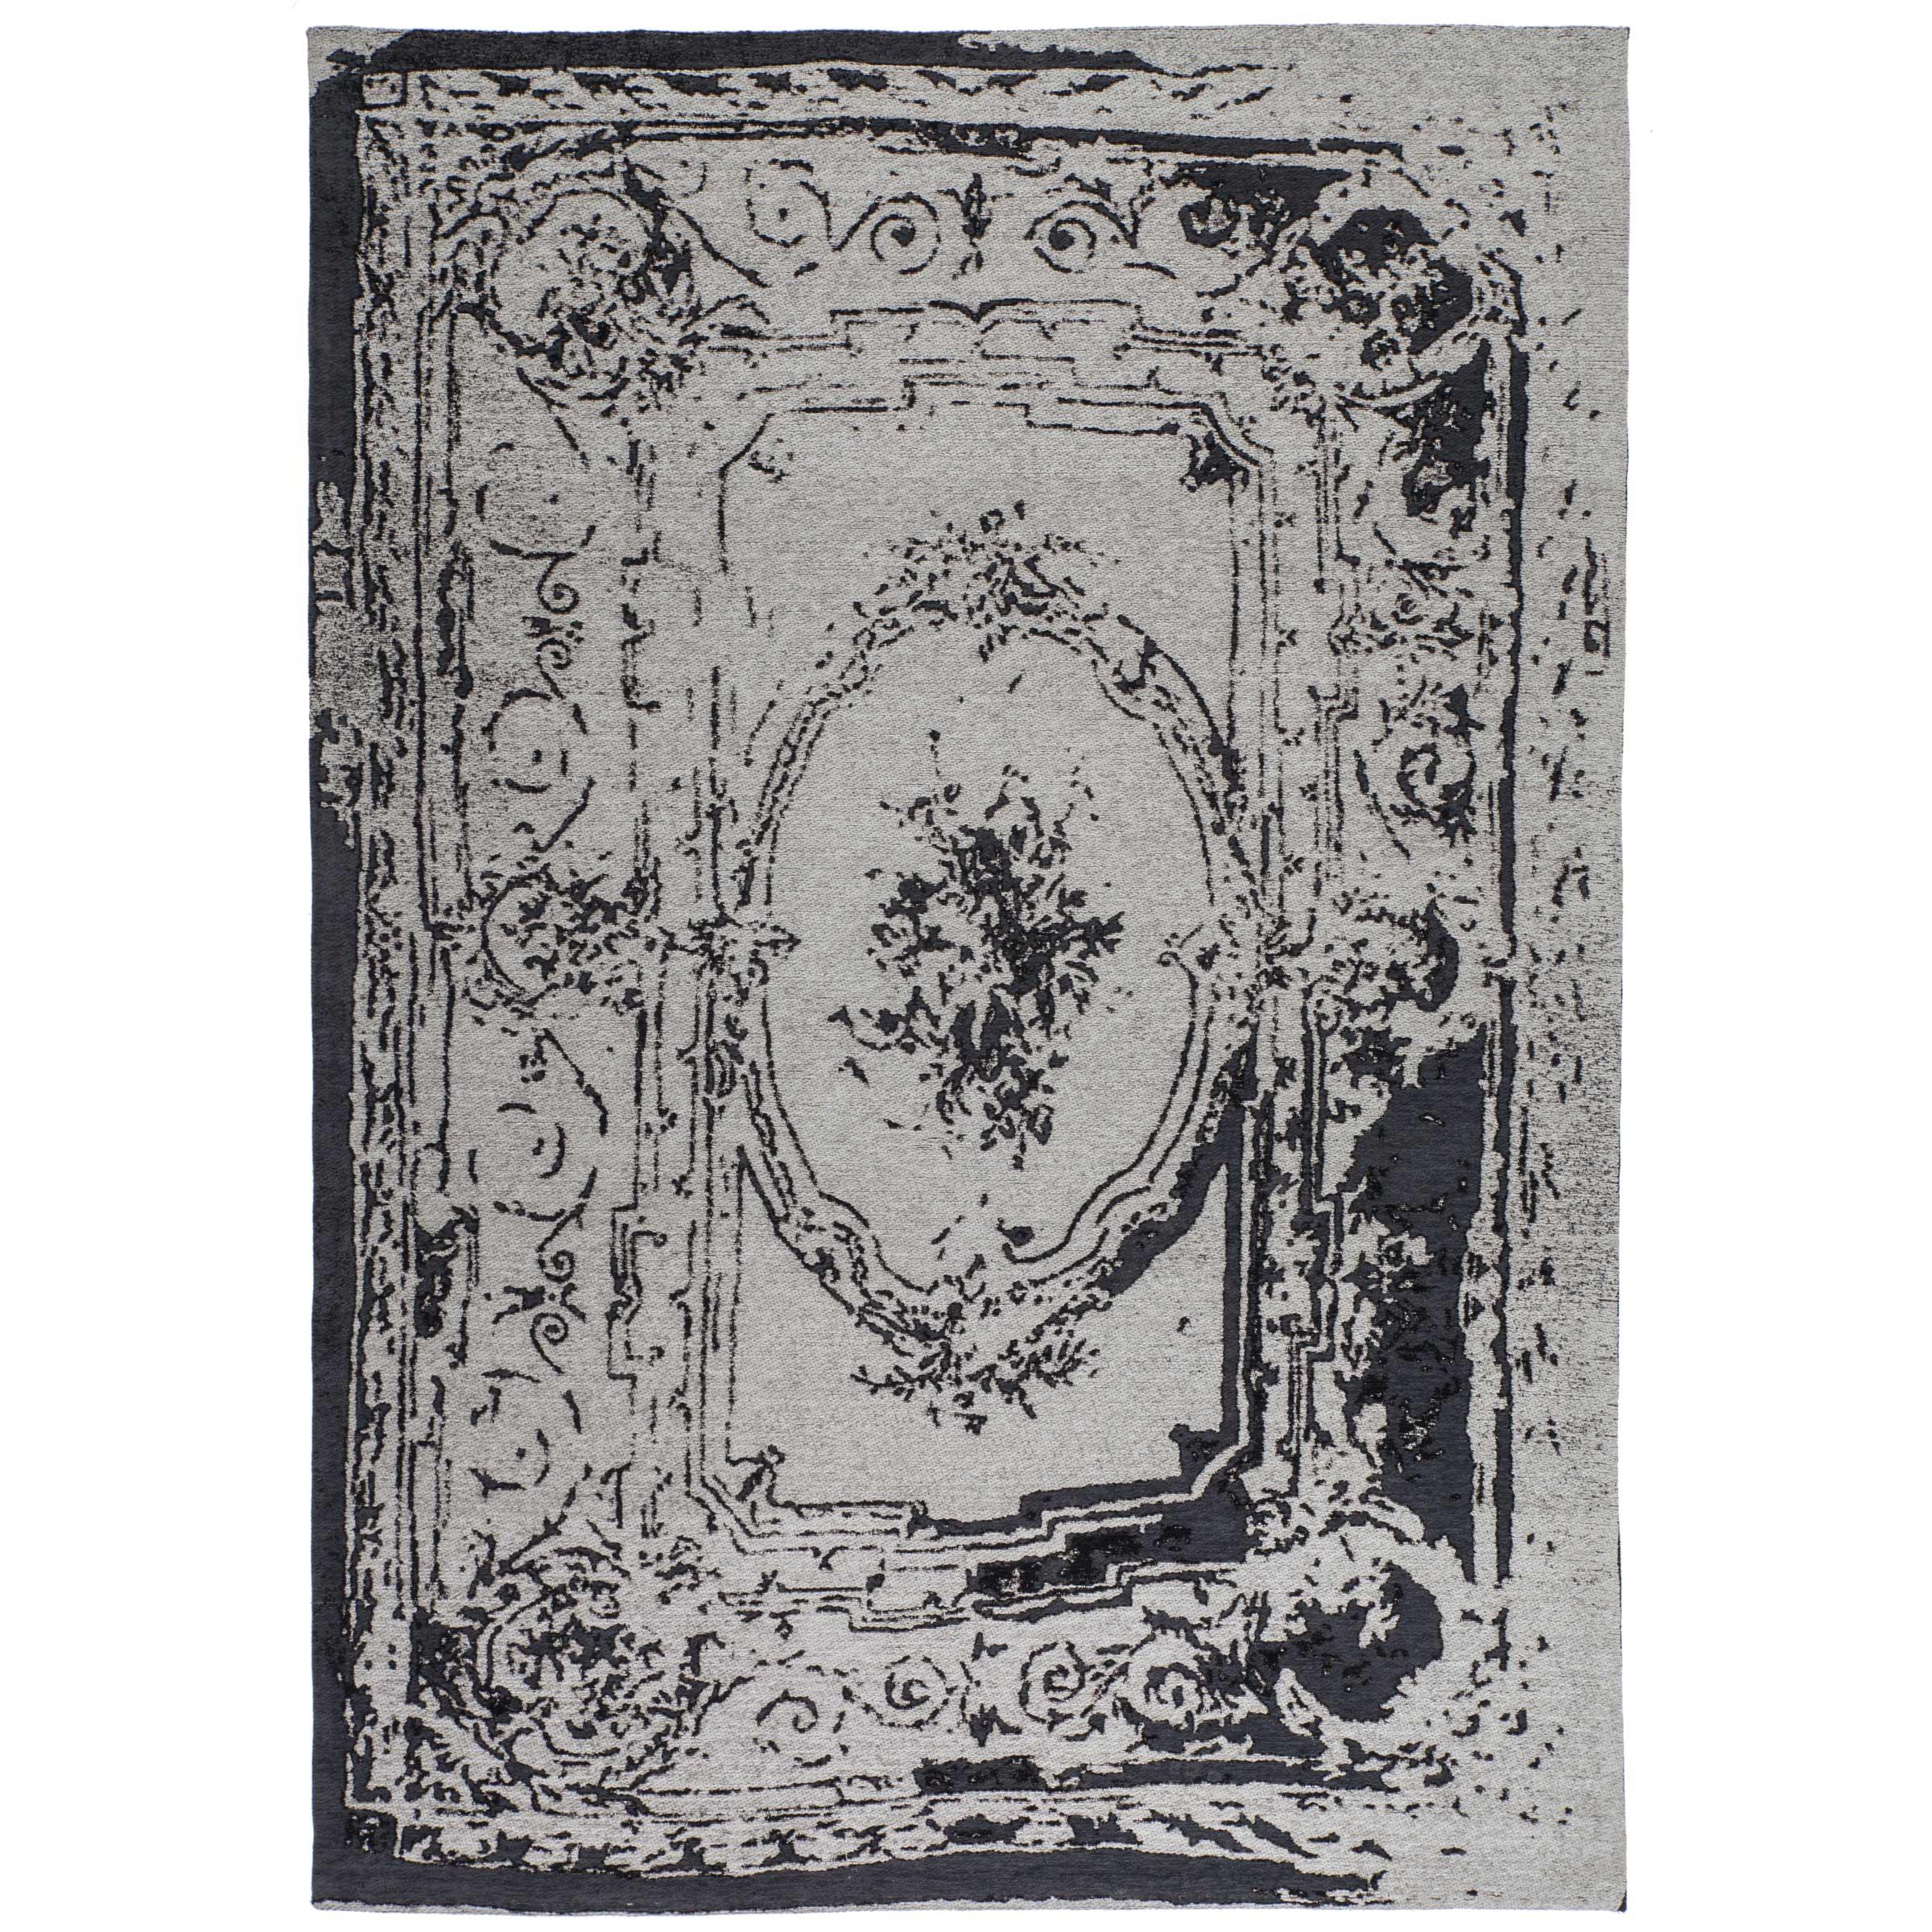 Ongekend Zwart Perzisch tapijt kopen?   Perzische tapijten   kameraankleden.nl ES-86